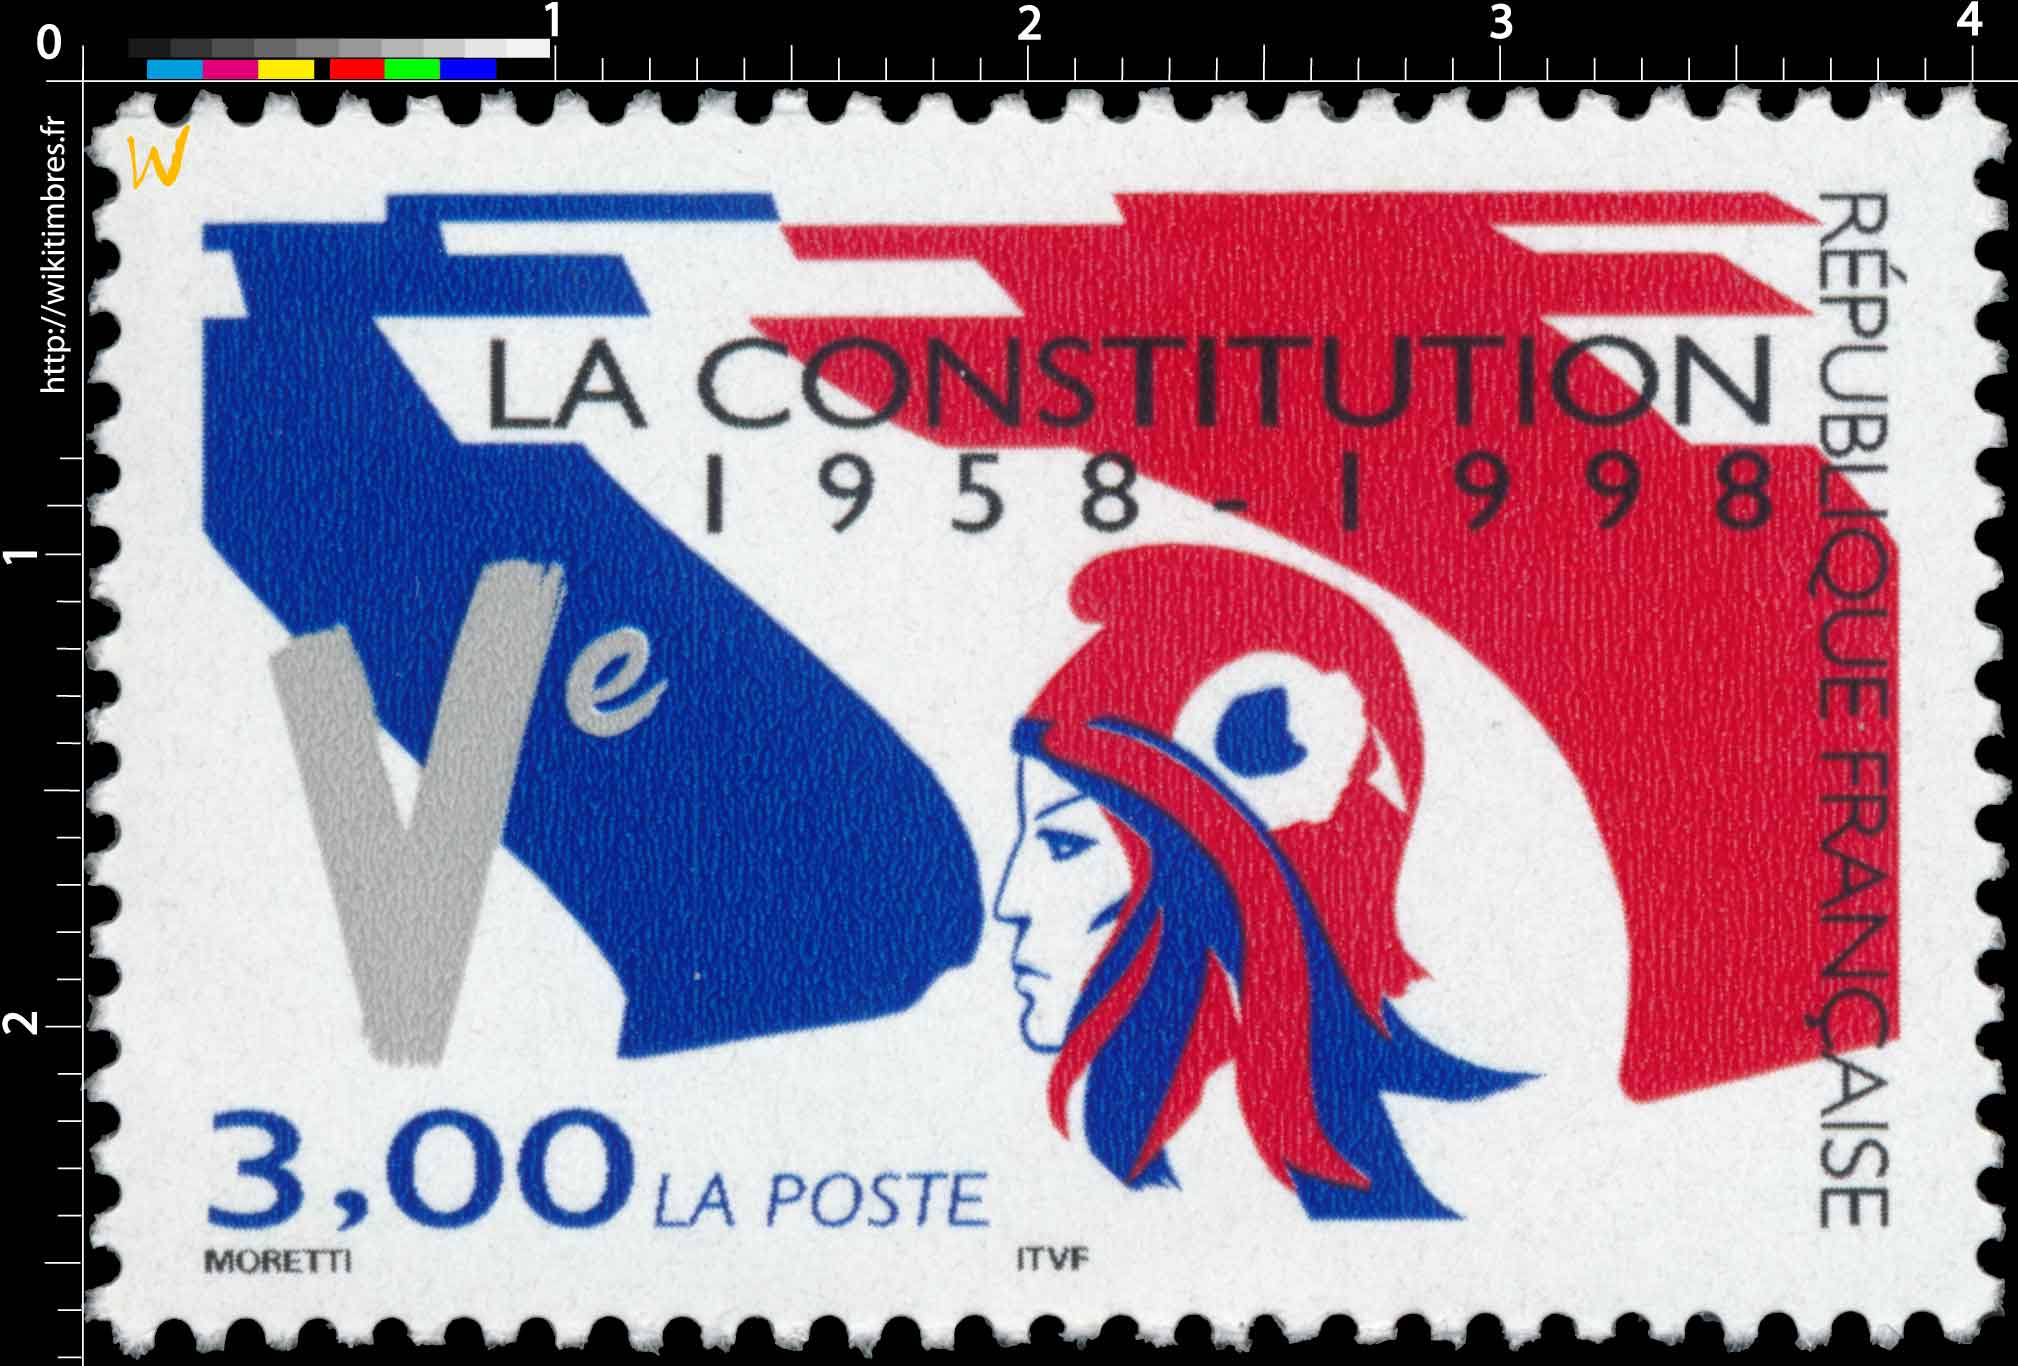 LA CONSTITUTION 1958-1998